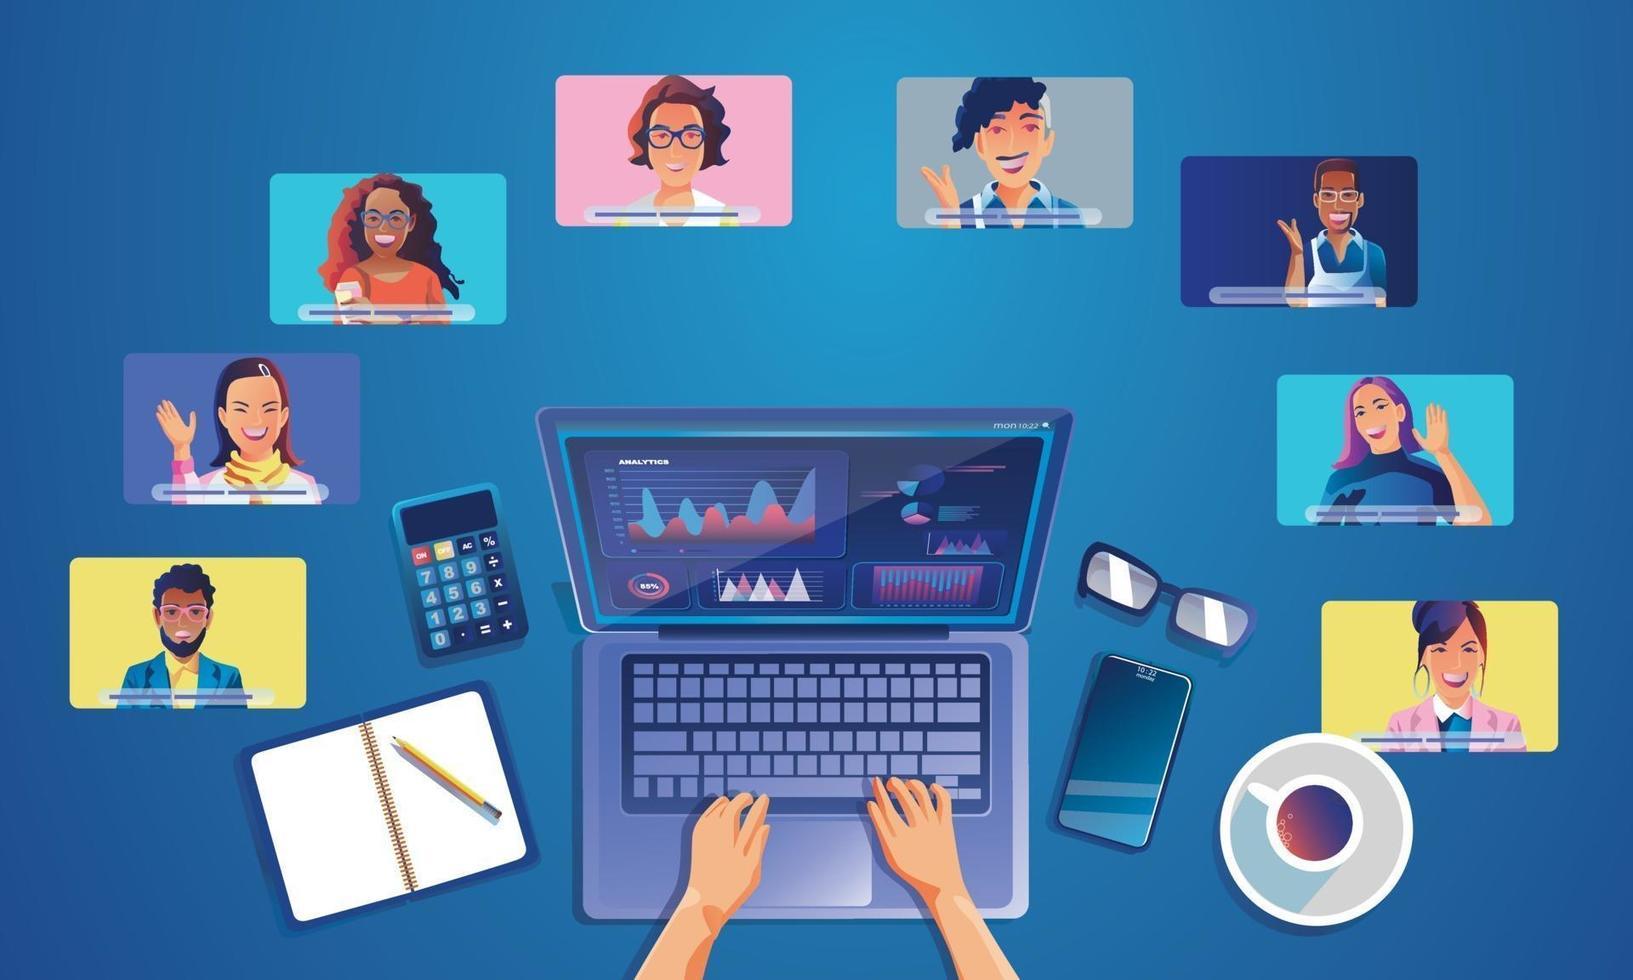 les gens d'événements virtuels utilisent la vidéoconférence. personne travaillant à l'écran en parlant avec des collègues. vidéoconférence et page d'espace de travail de réunion en ligne, hommes et femmes apprenant vecteur